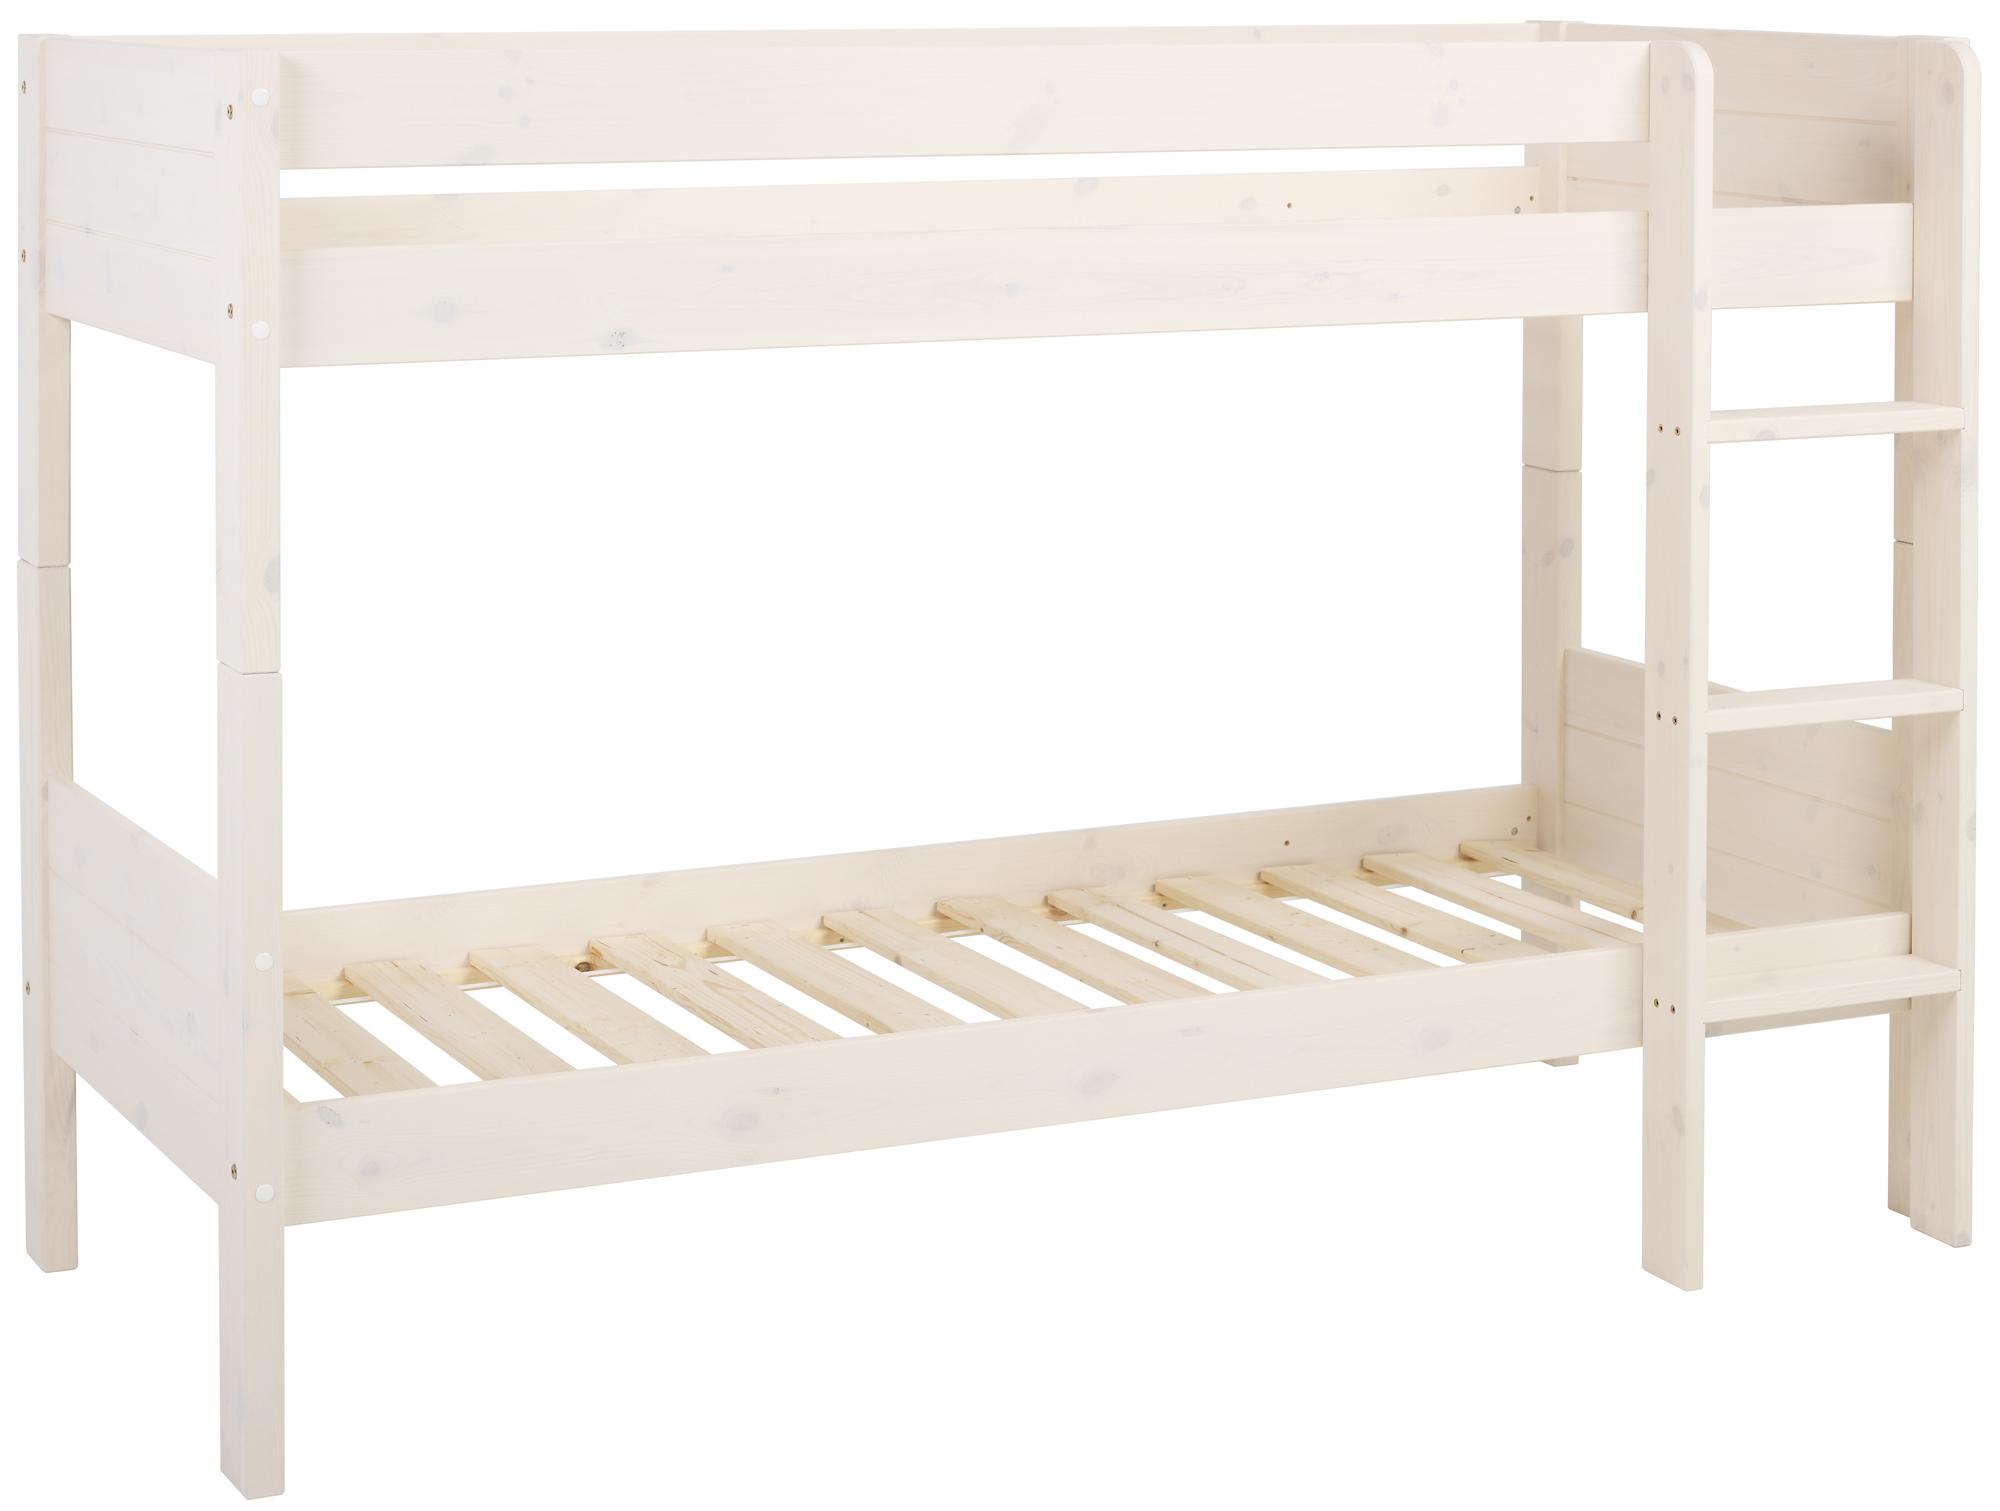 Huonekalut netistä  Huonekaluliike Koti Siili Oy Ikea